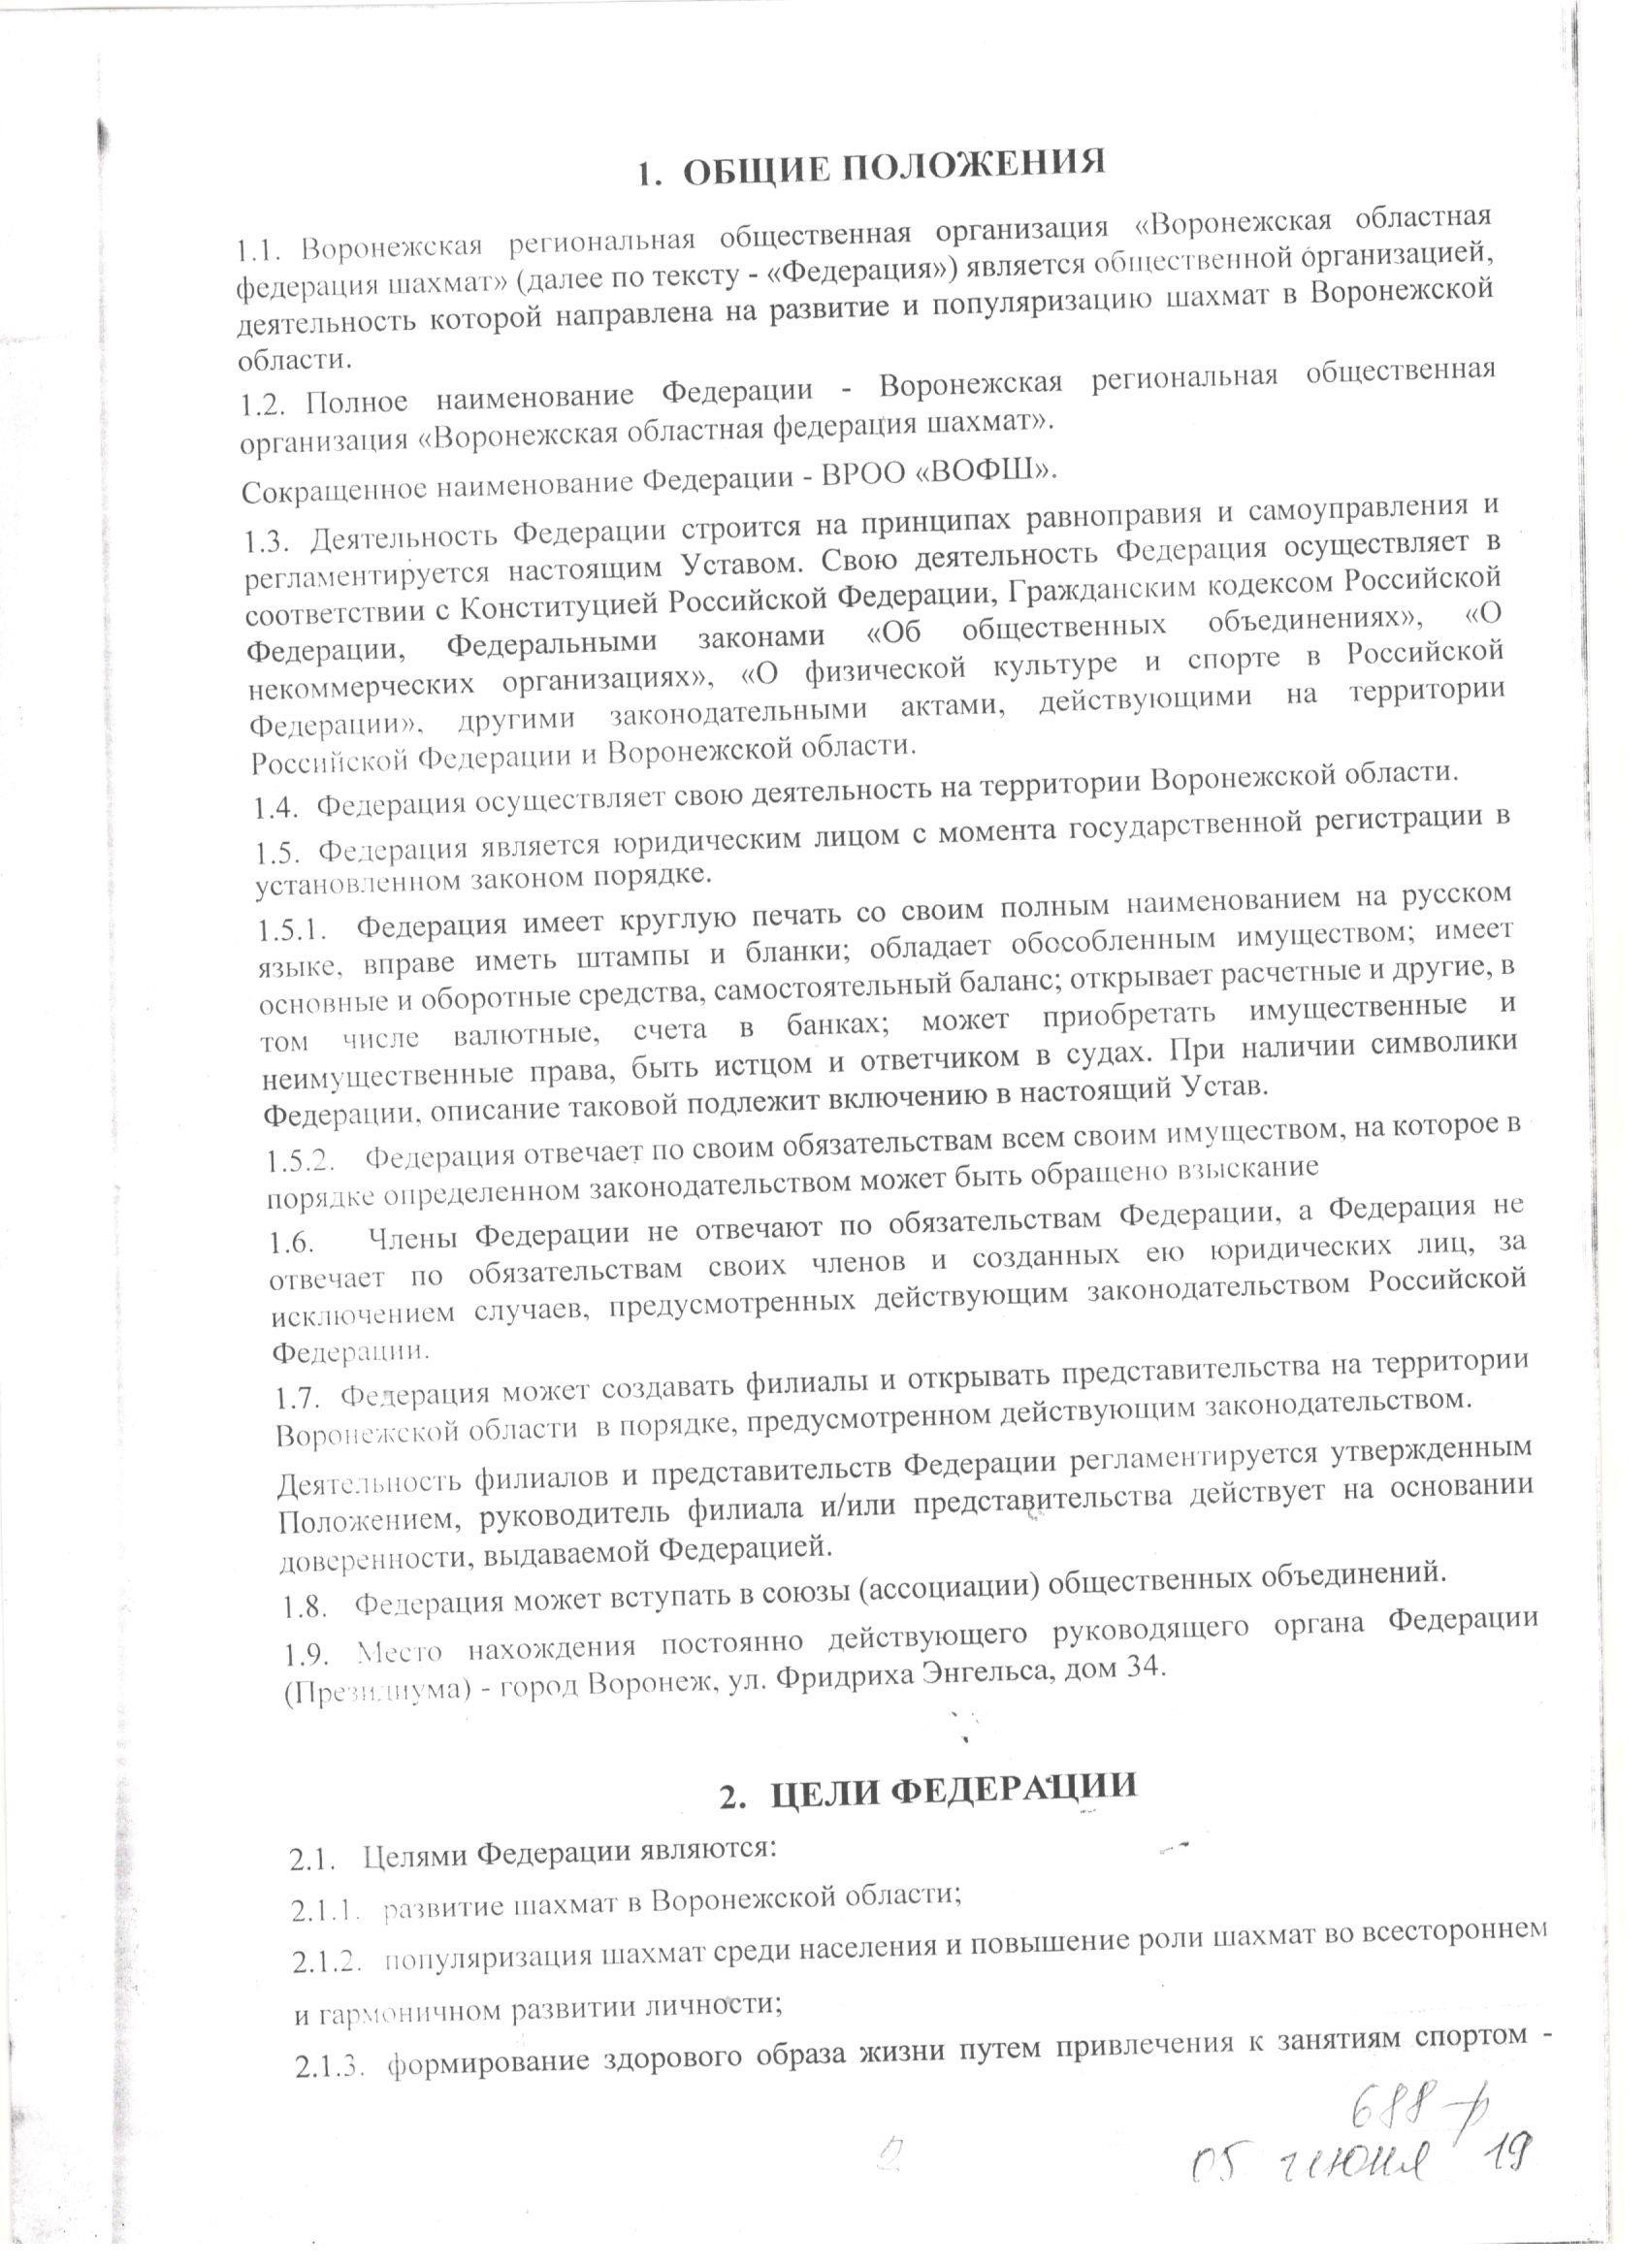 http://forumupload.ru/uploads/0014/11/ca/2/62803.jpg